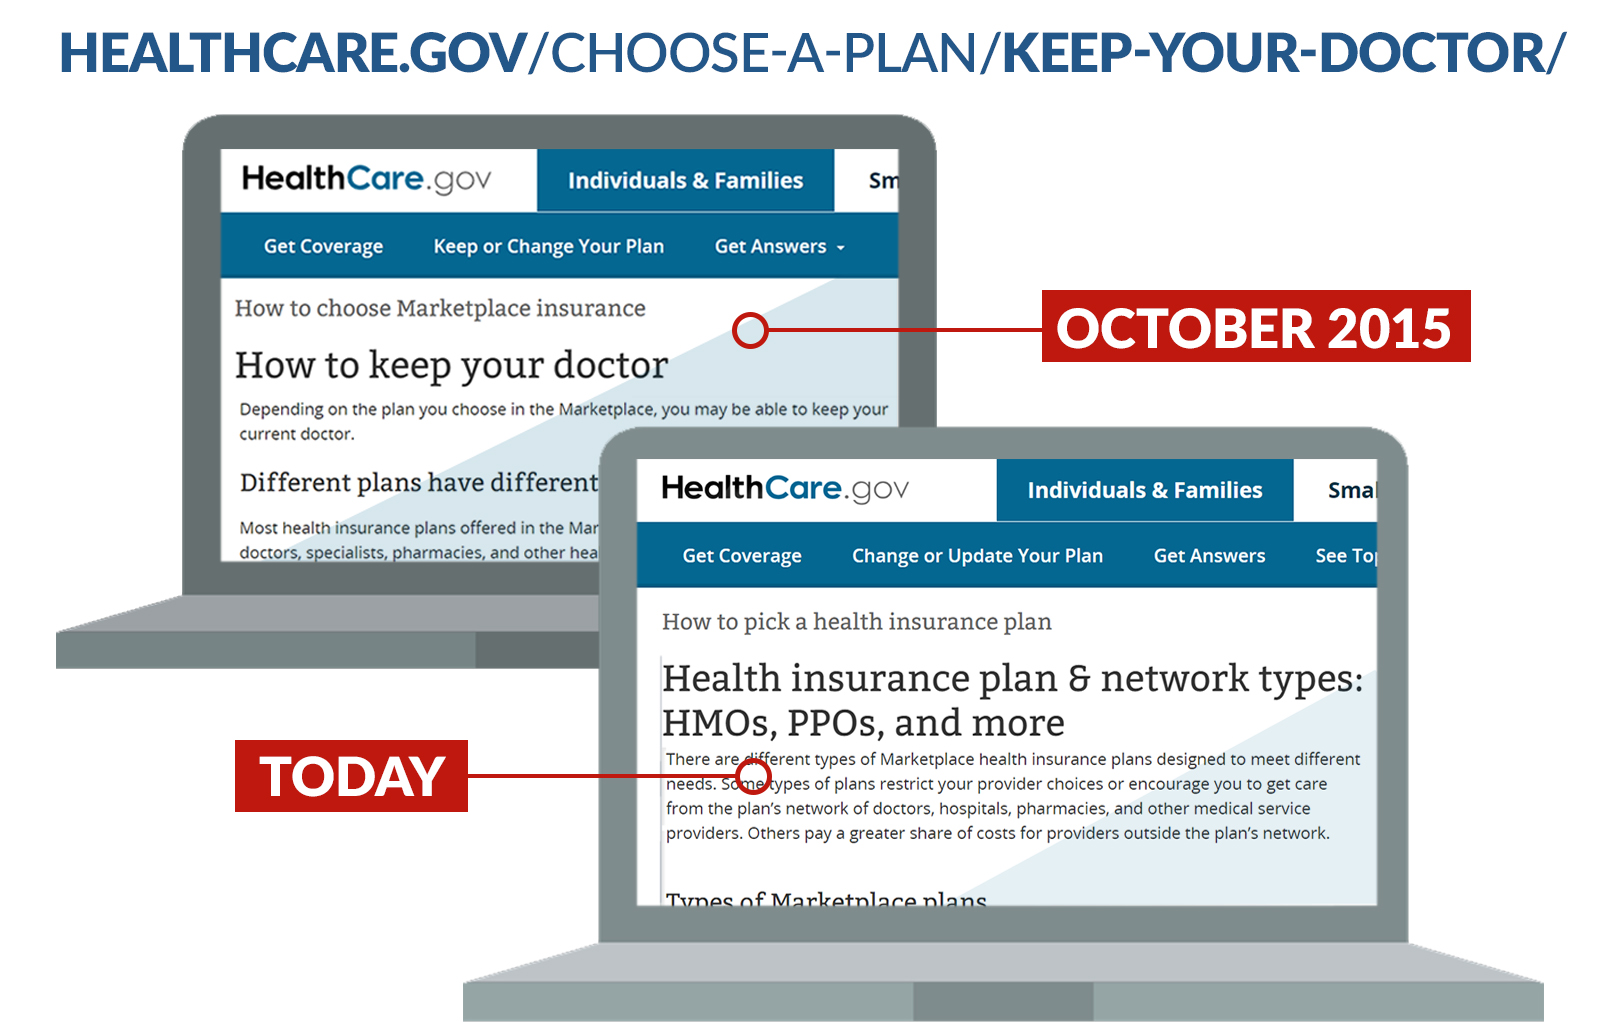 Healthcare.gov scrubbed